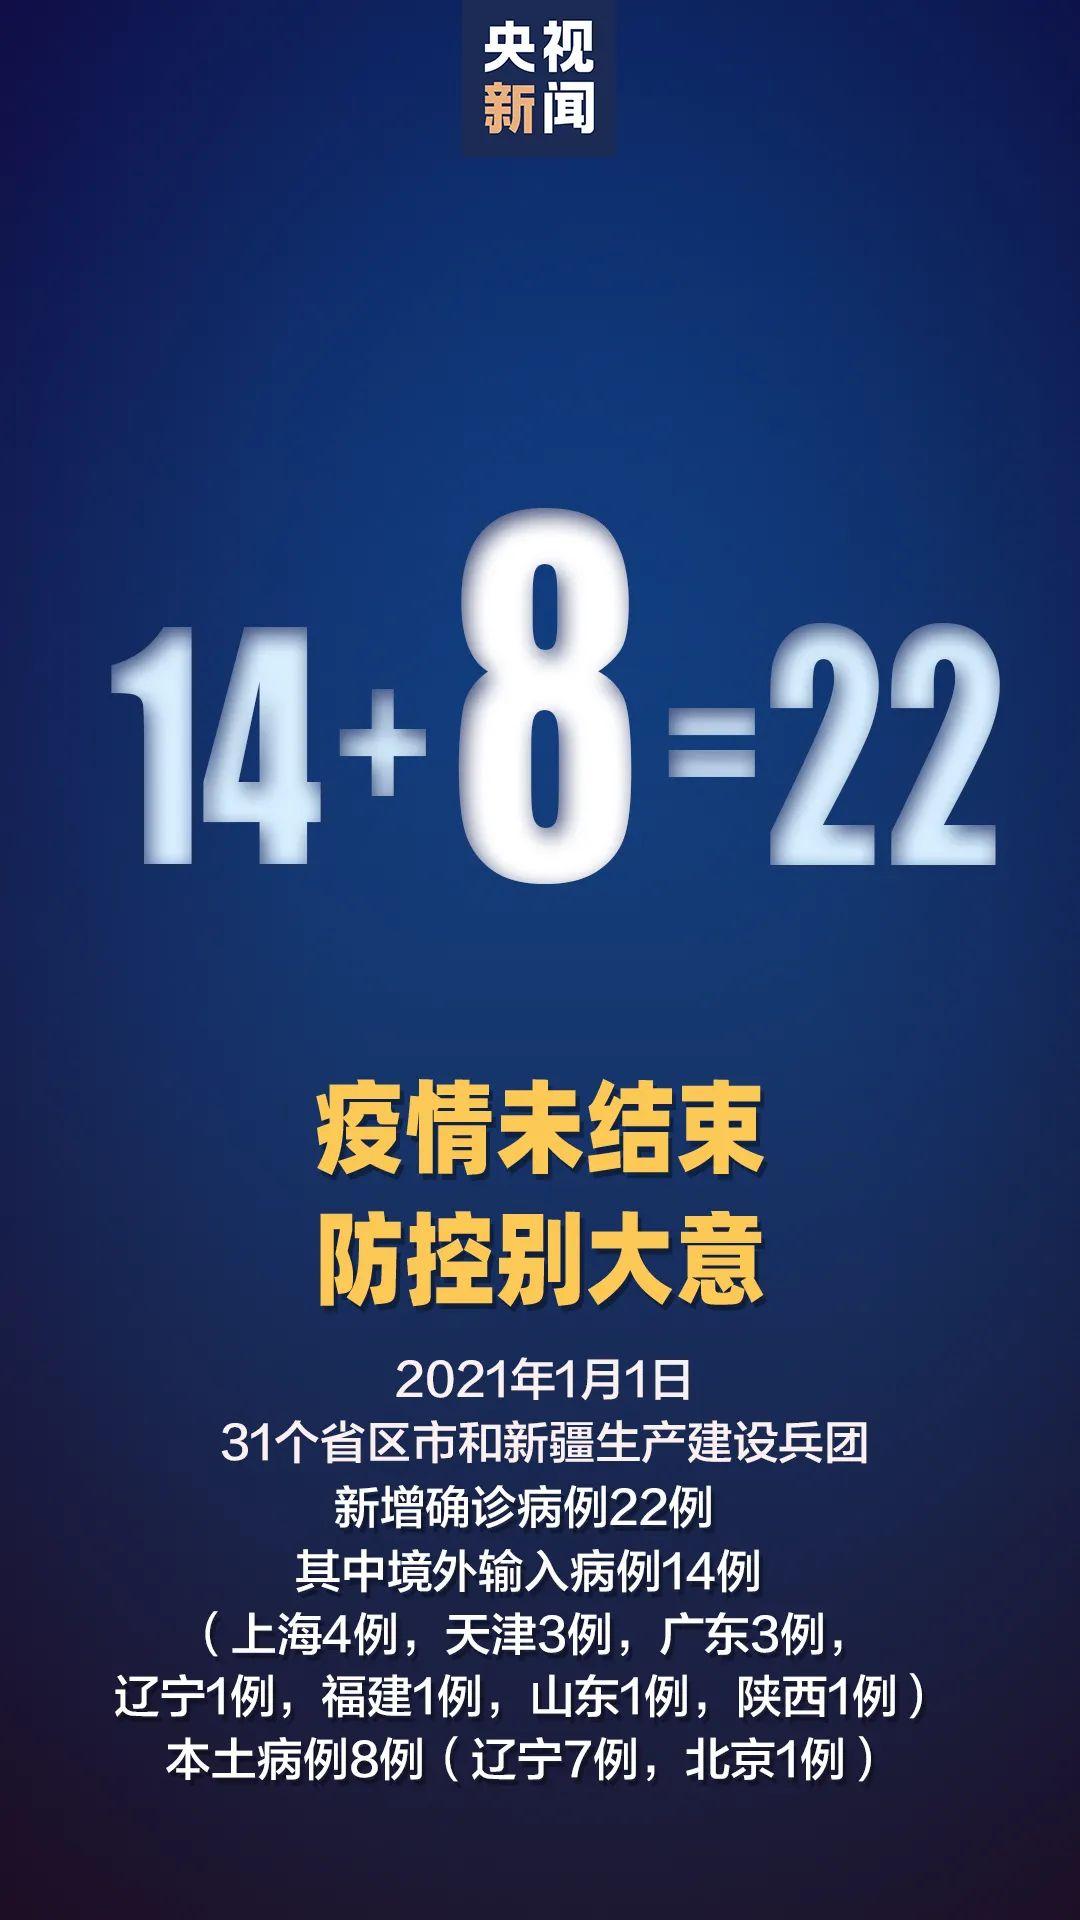 沈阳+3、大连+4、北京+1,详情公布图片